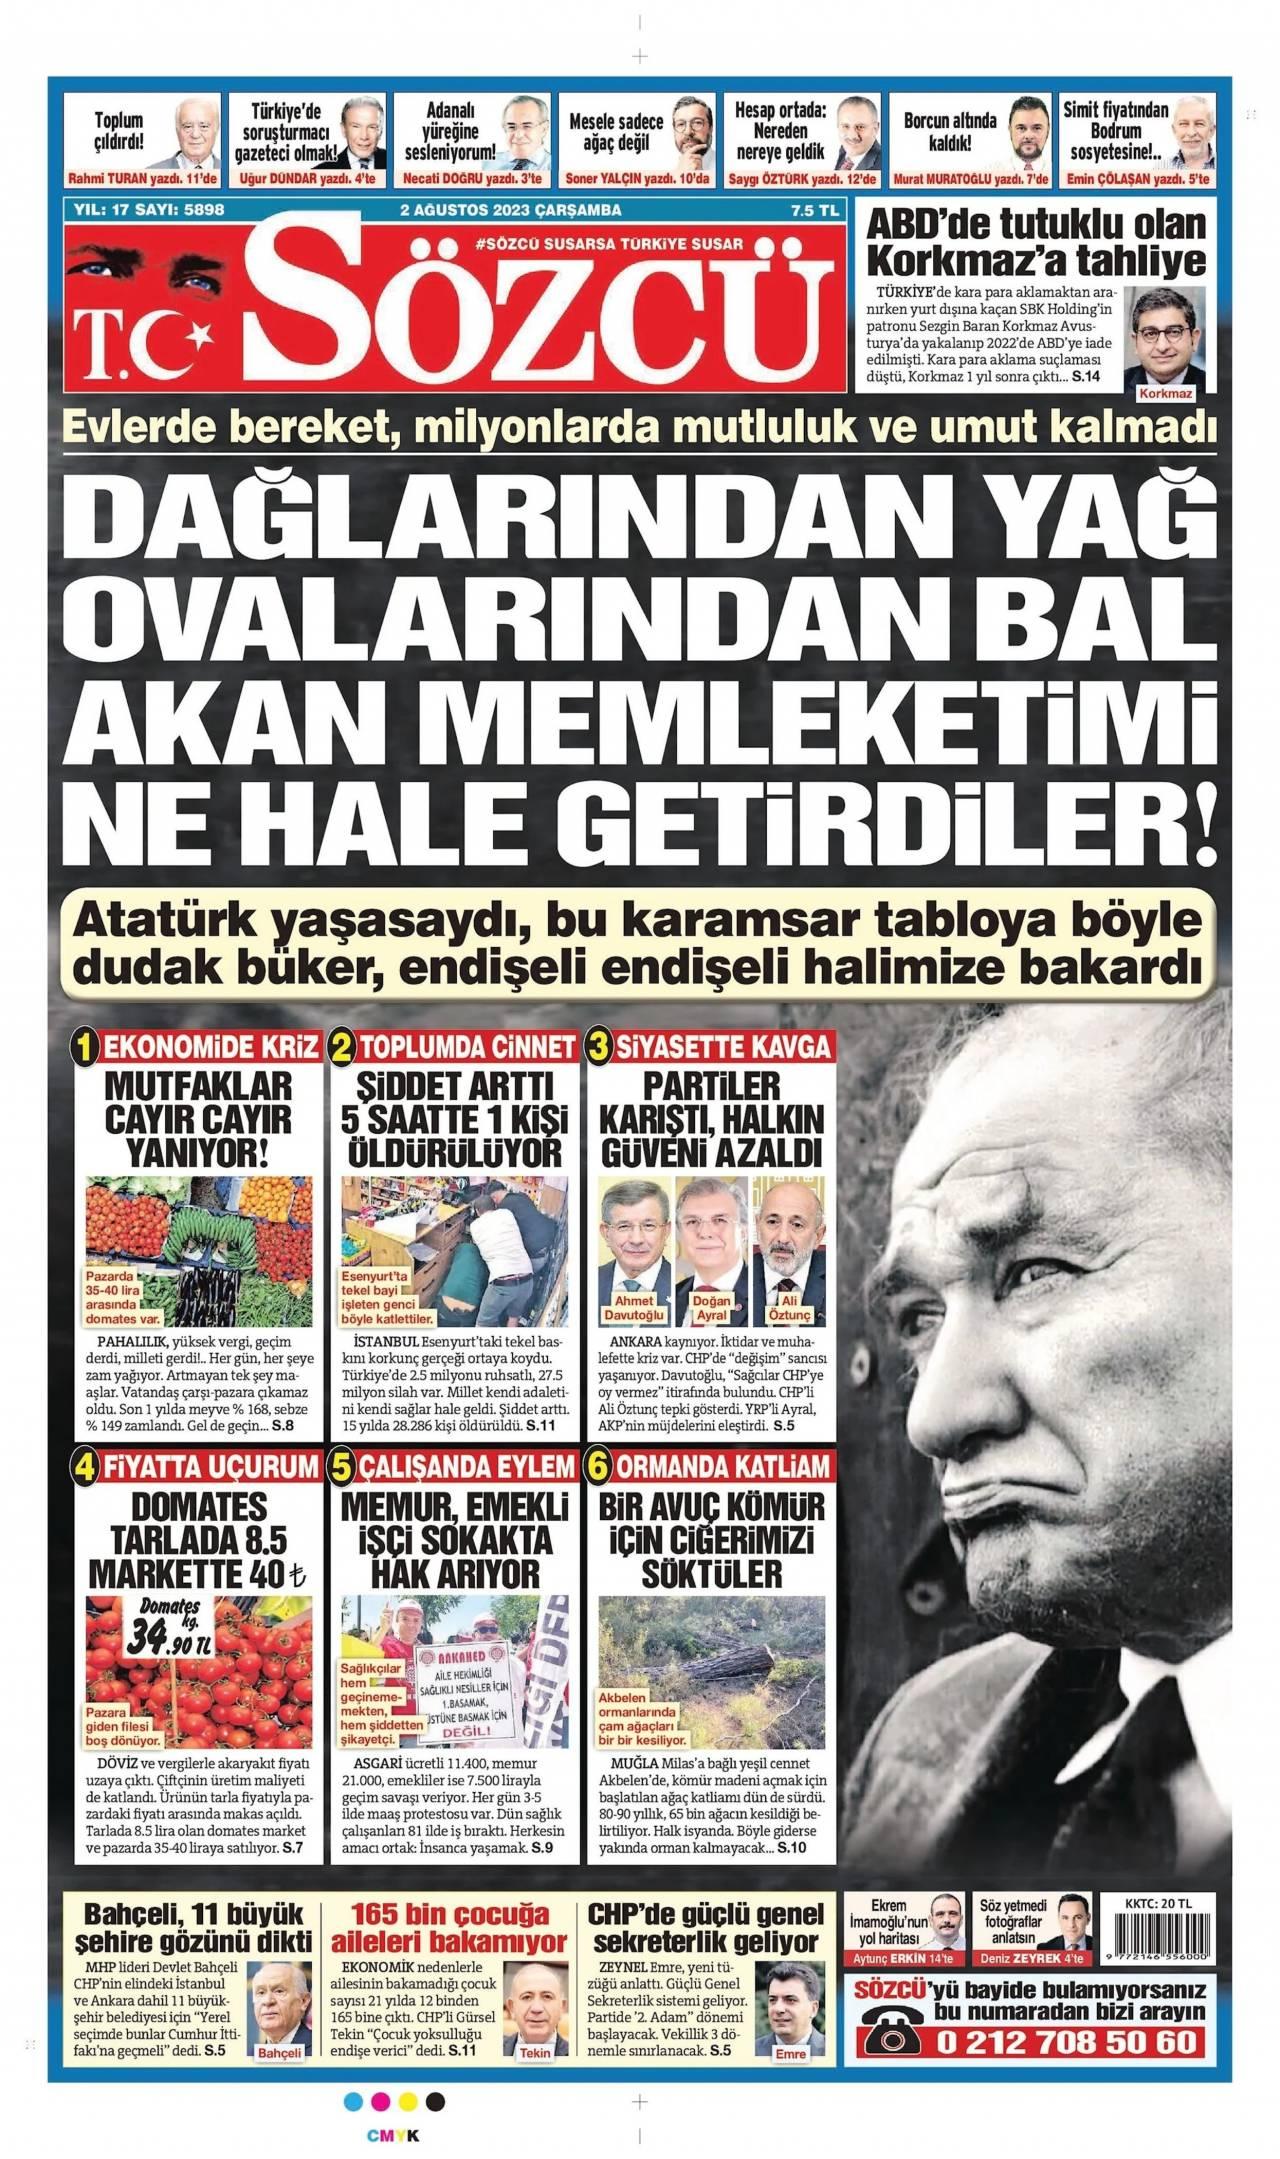 16 Ekim 2019 Çarşamba Sözcü Gazetesi Manşeti